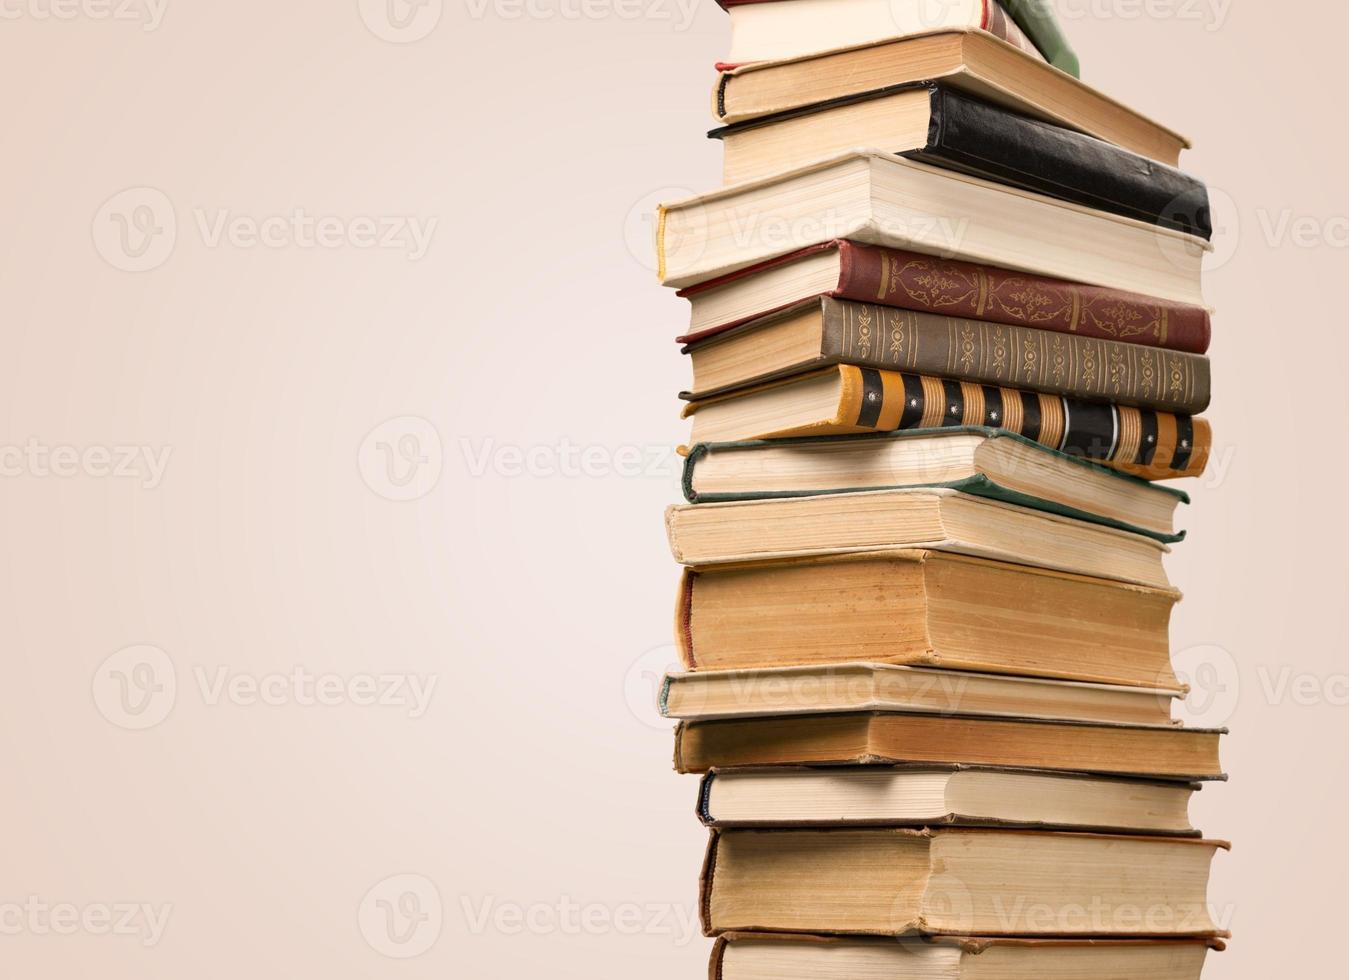 libro, pila, libro di testo foto